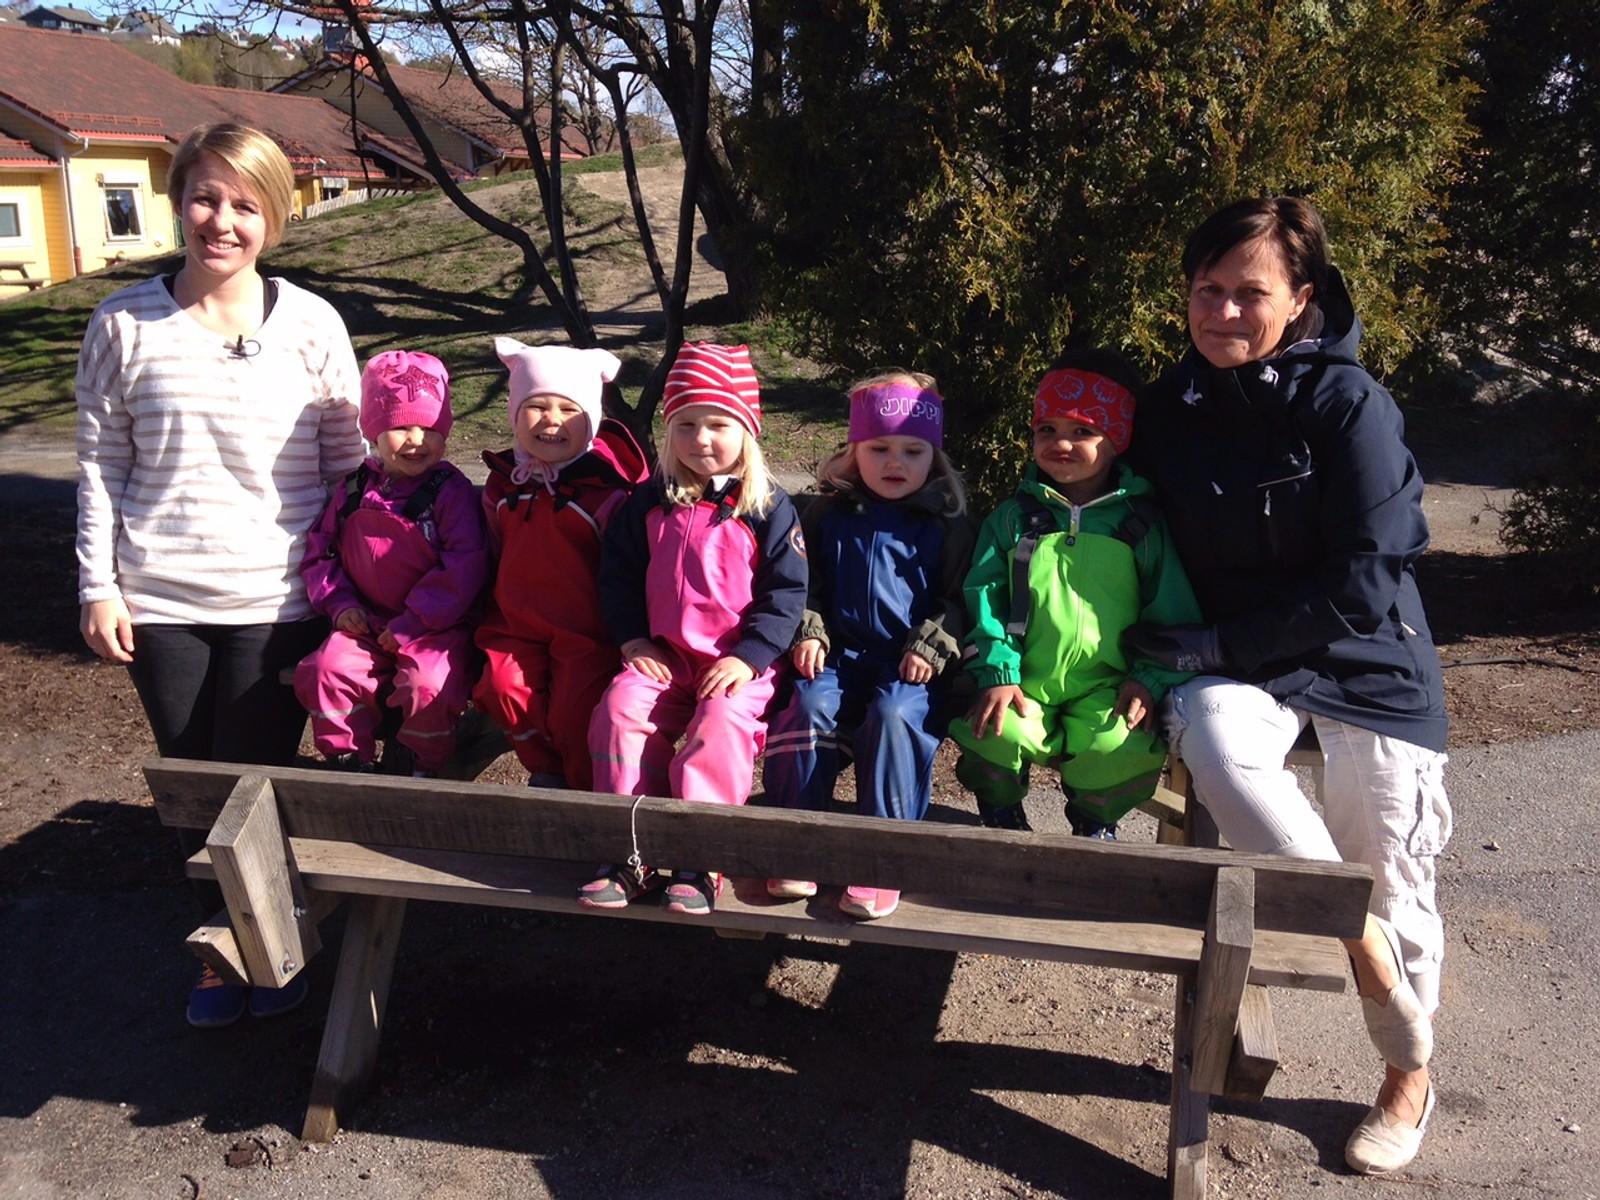 Barna fra Trosvik barnehage tatt i april, da de begynte arbeidet med å så frø.